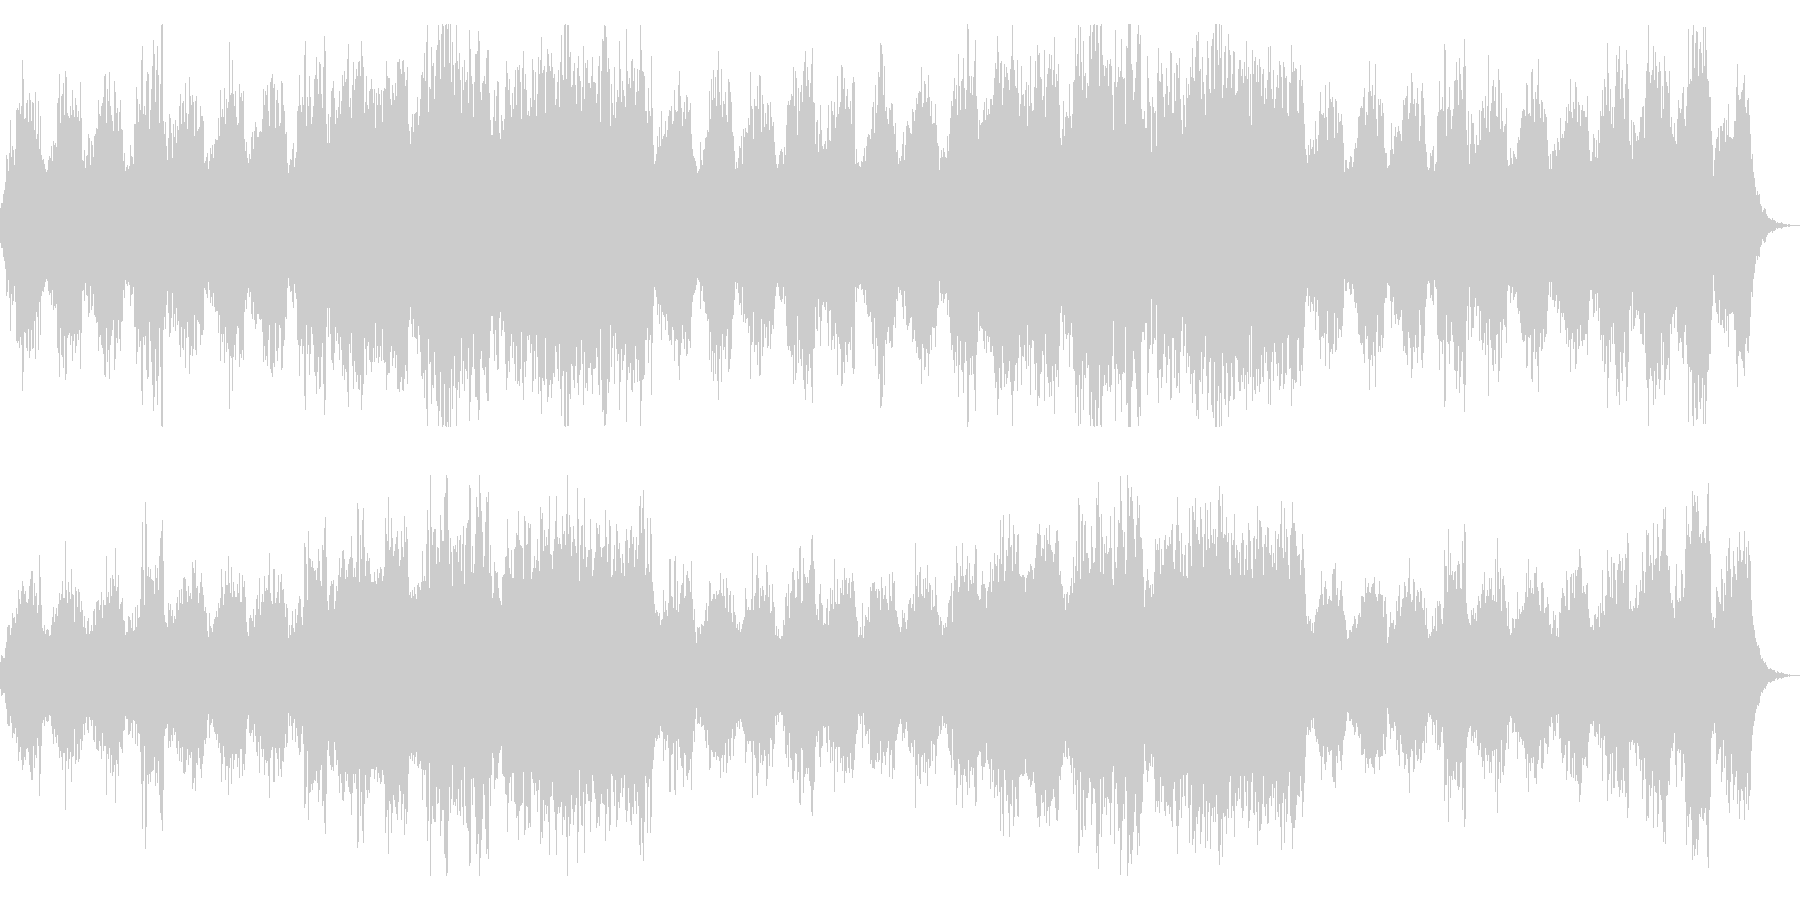 恐怖を演出 ホラー向けシネマチックBGMの未再生の波形